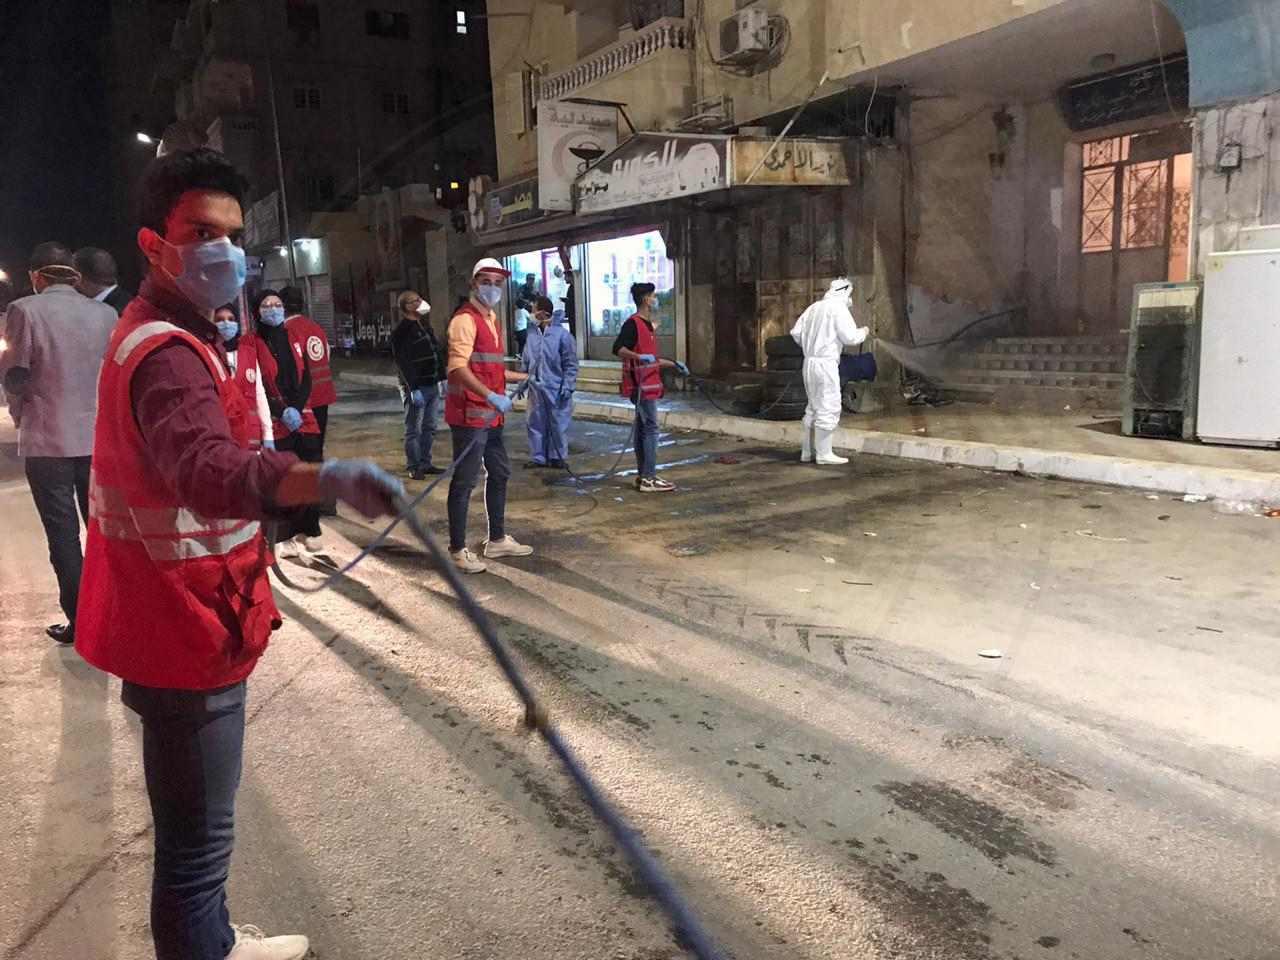 أربعة جهات حكومية بشمال سيناء تواصل حملة تعقيم شوارع العريش